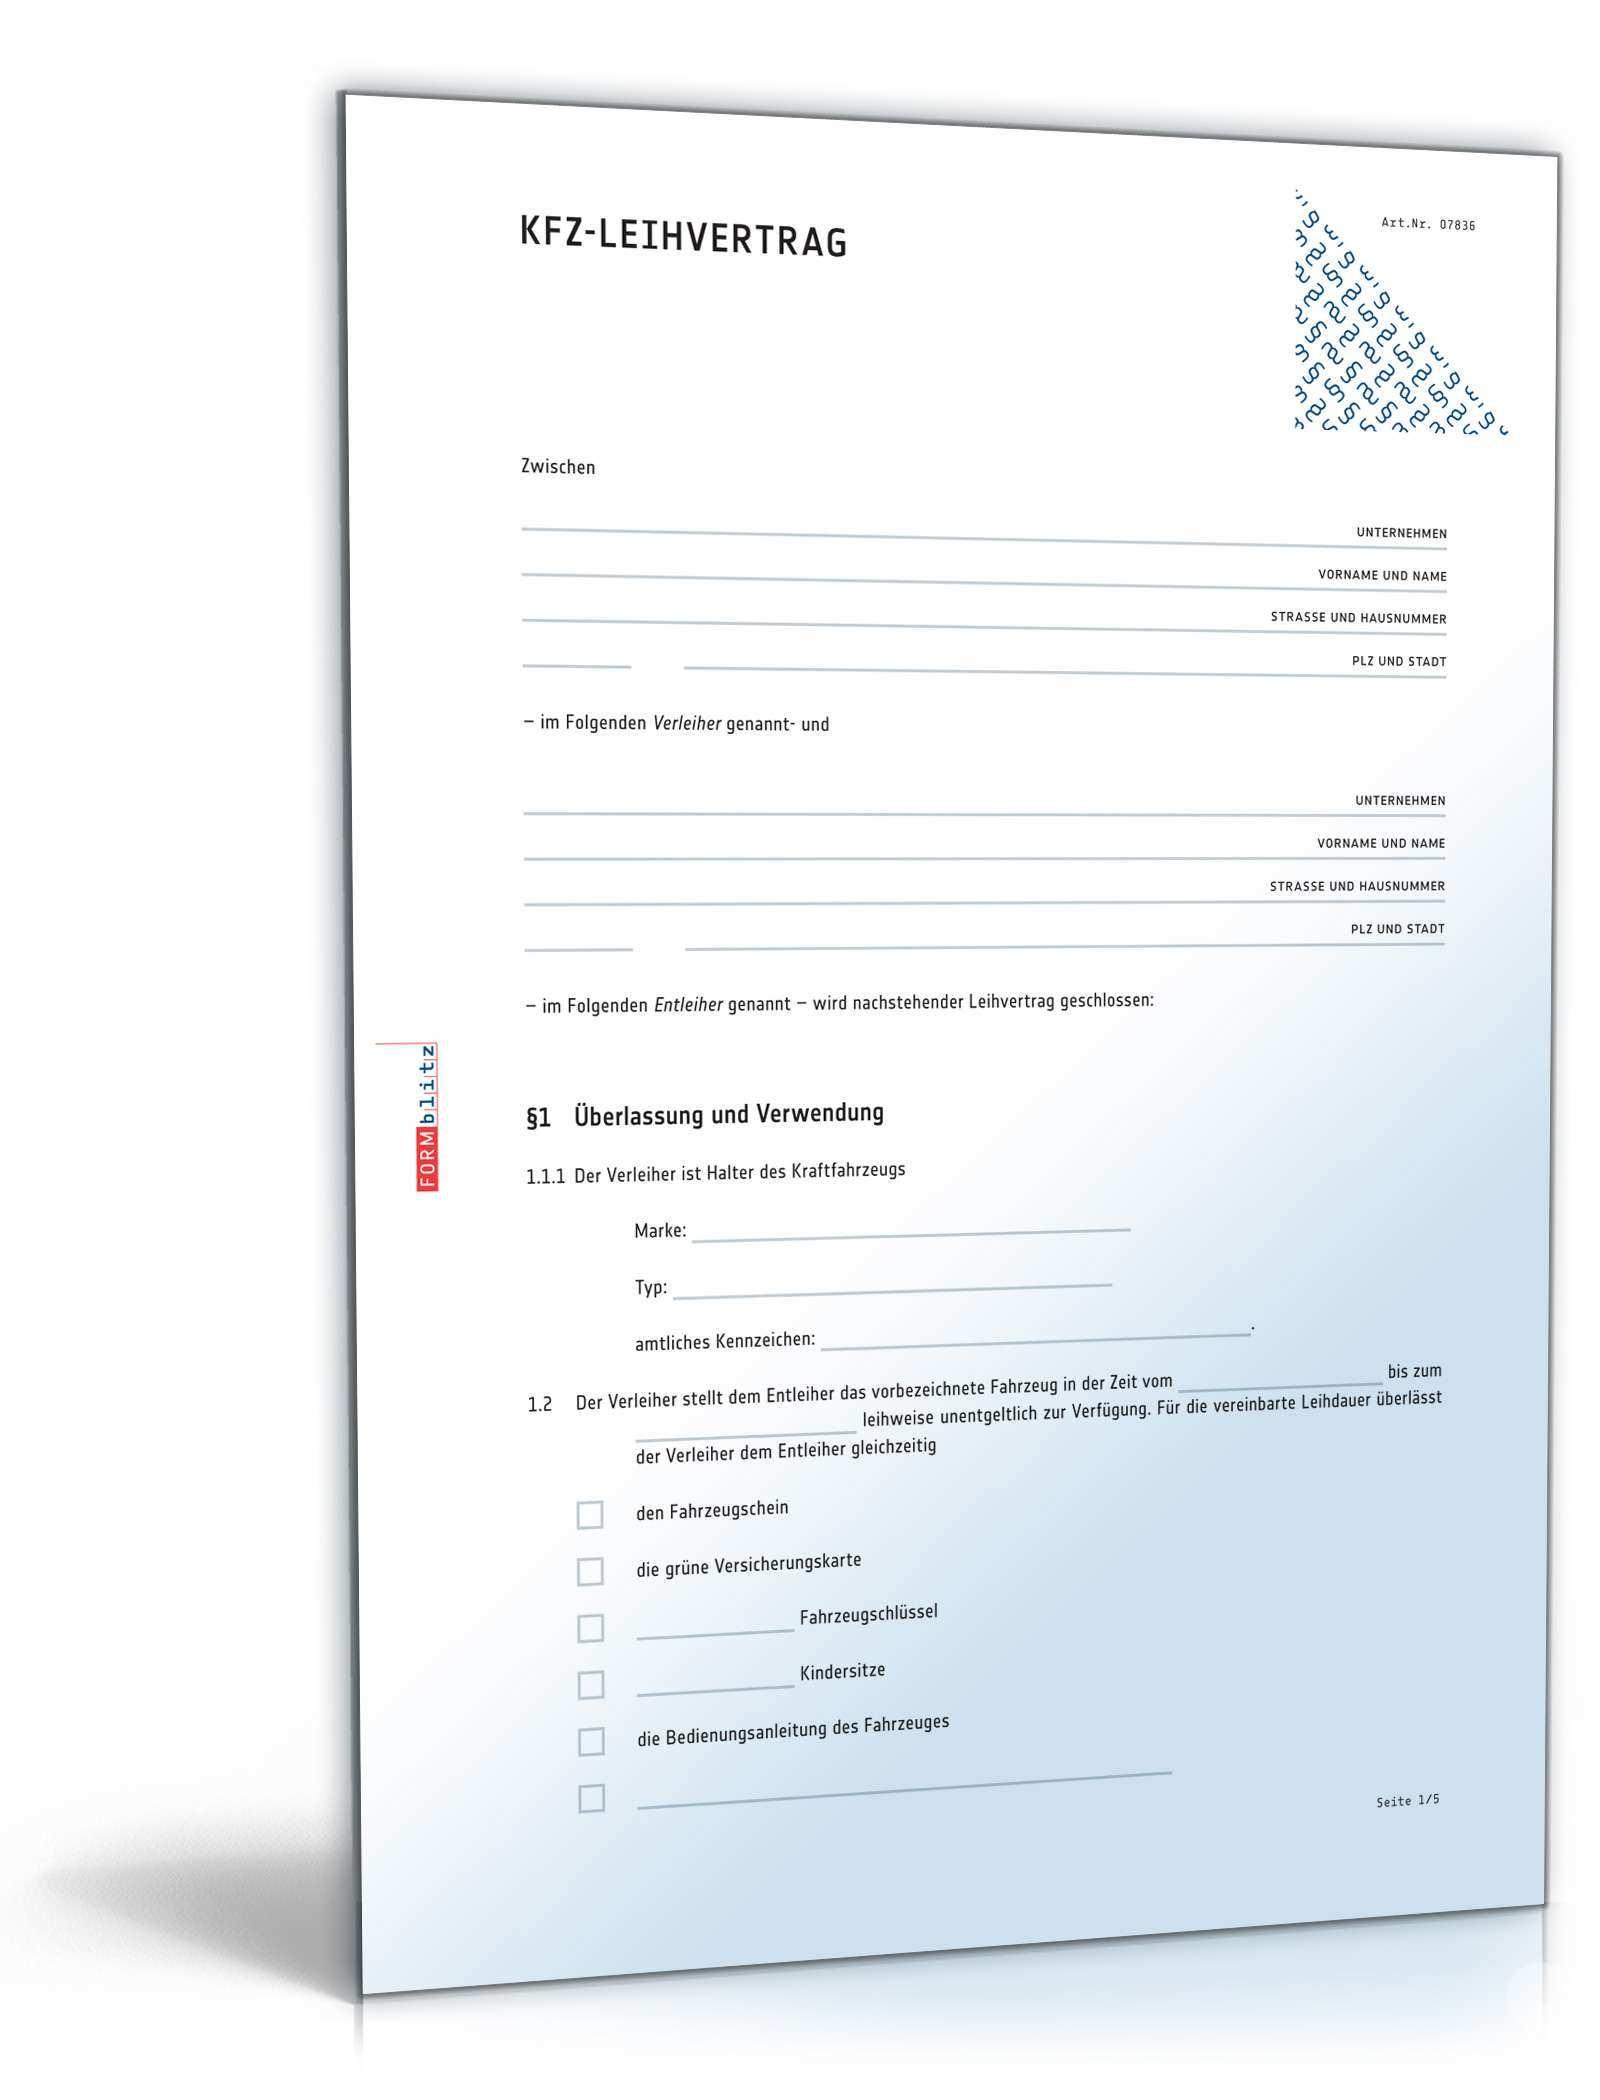 Kfz Leihvertrag Anwaltsgepruftes Muster Zum Download